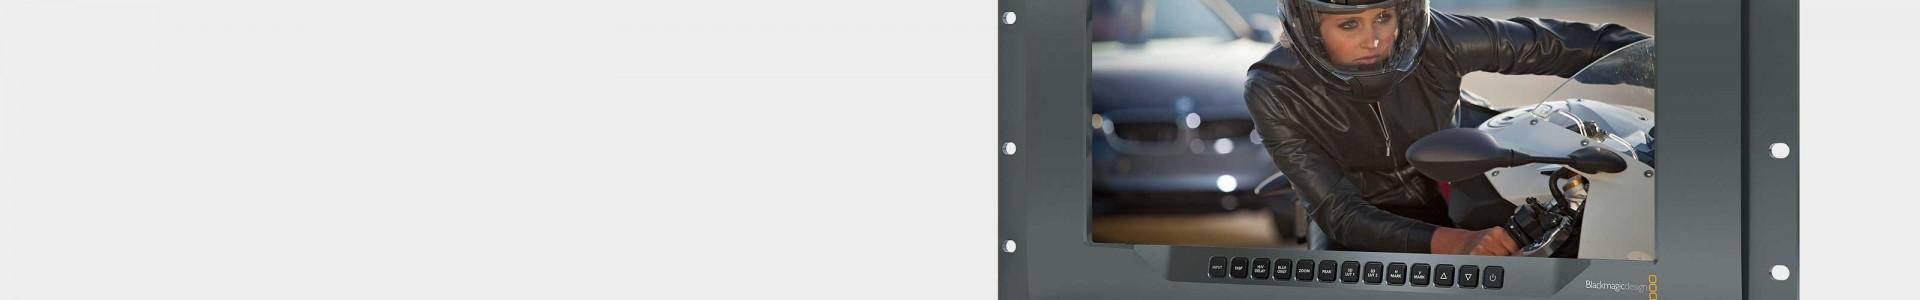 Monitores de vídeo Blackmagic en Avacab - Distribuidores oficiales